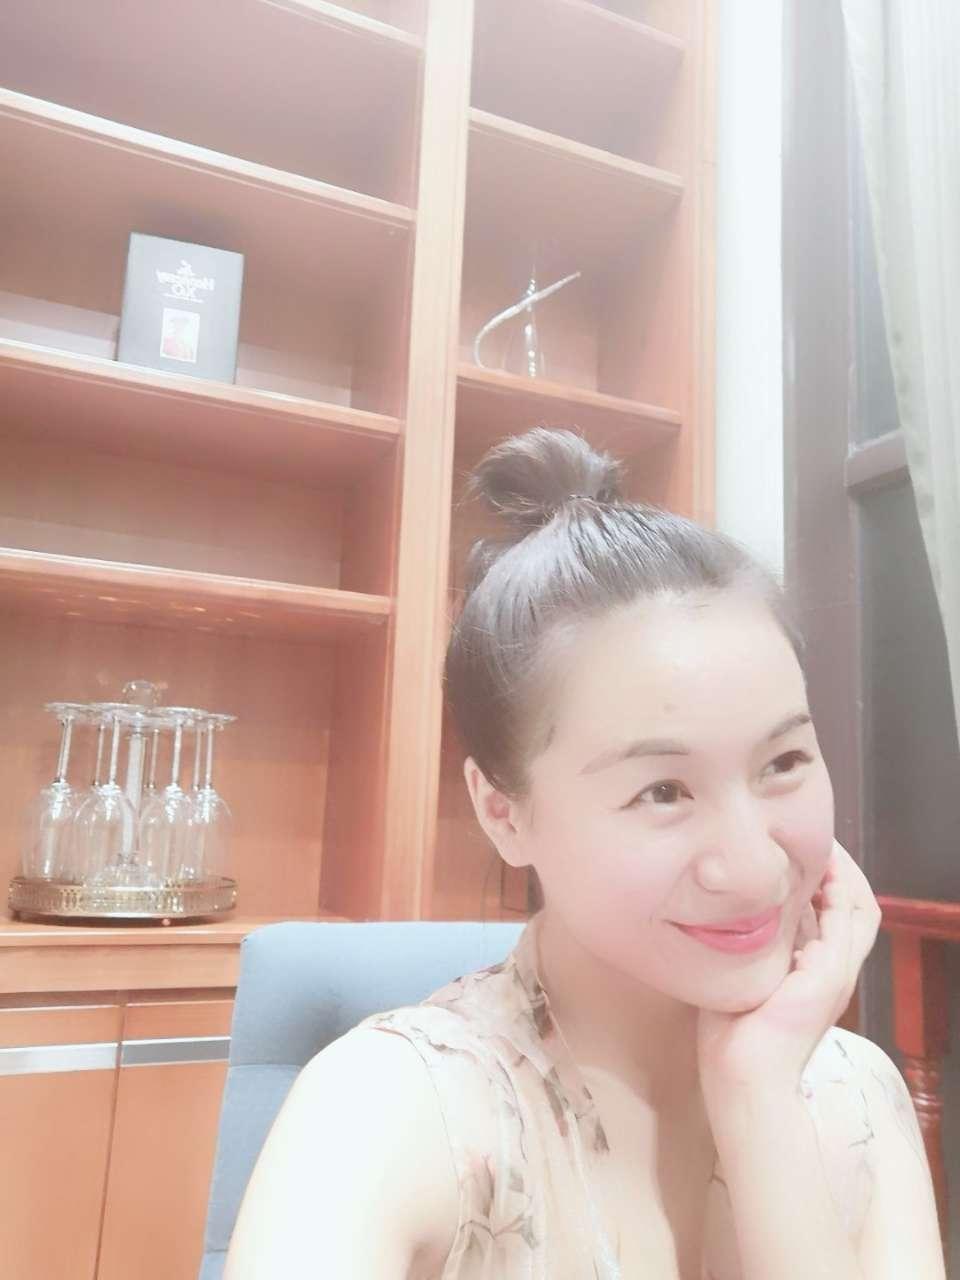 中国姑娘自己赚钱买花戴